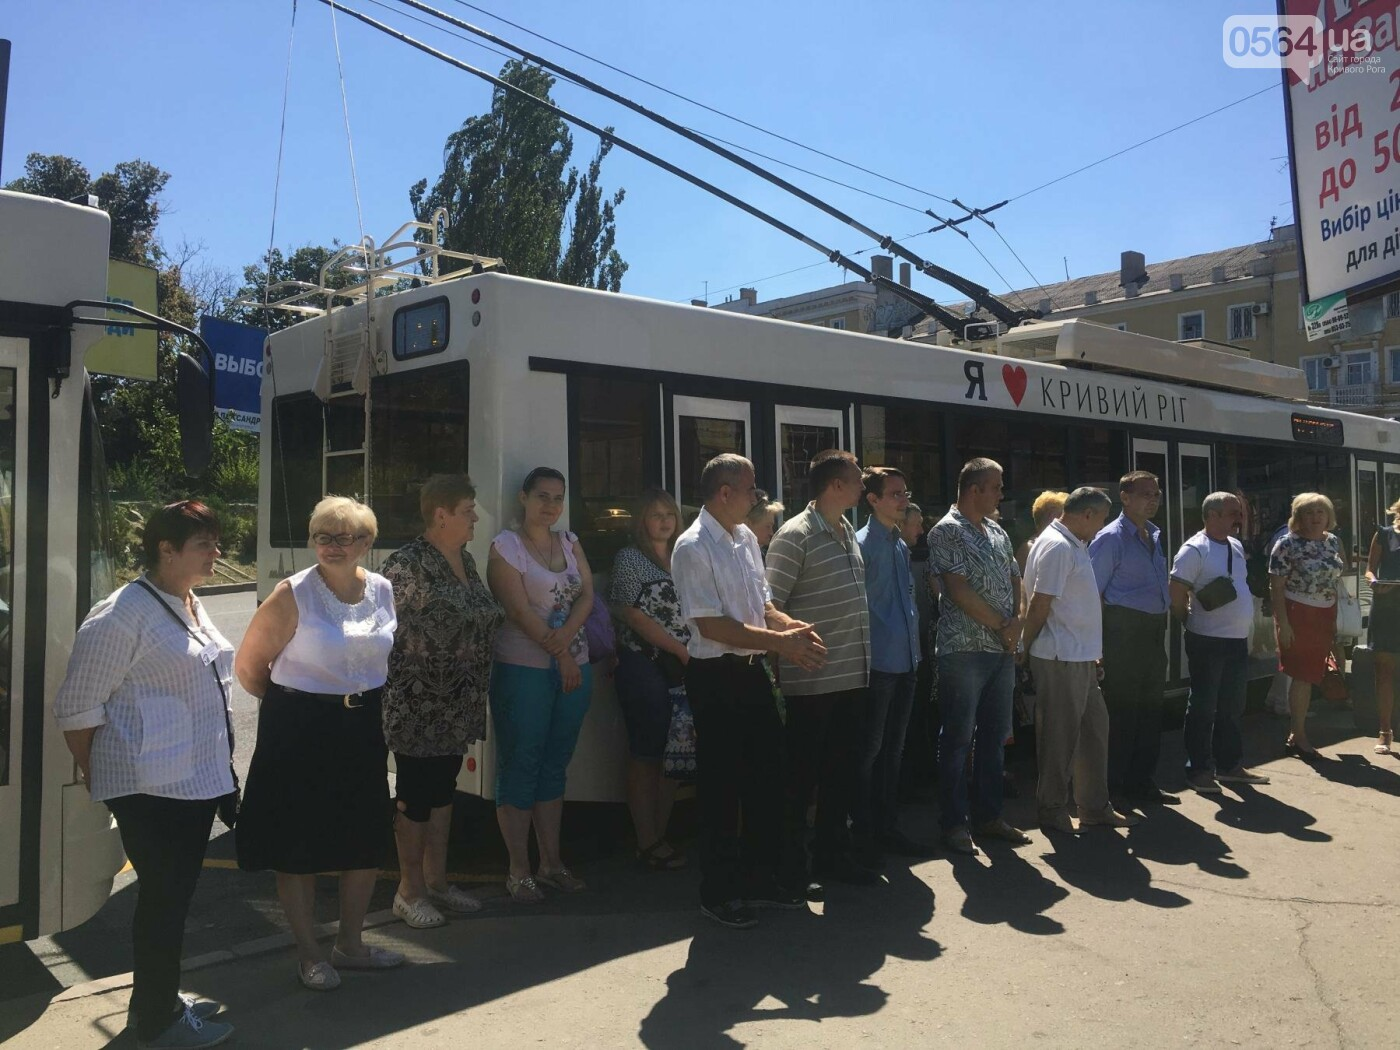 Как в Кривом Роге торжественно вручили водителям ключи от новых троллейбусов и автобусов, - ФОТО, ВИДЕО, фото-14